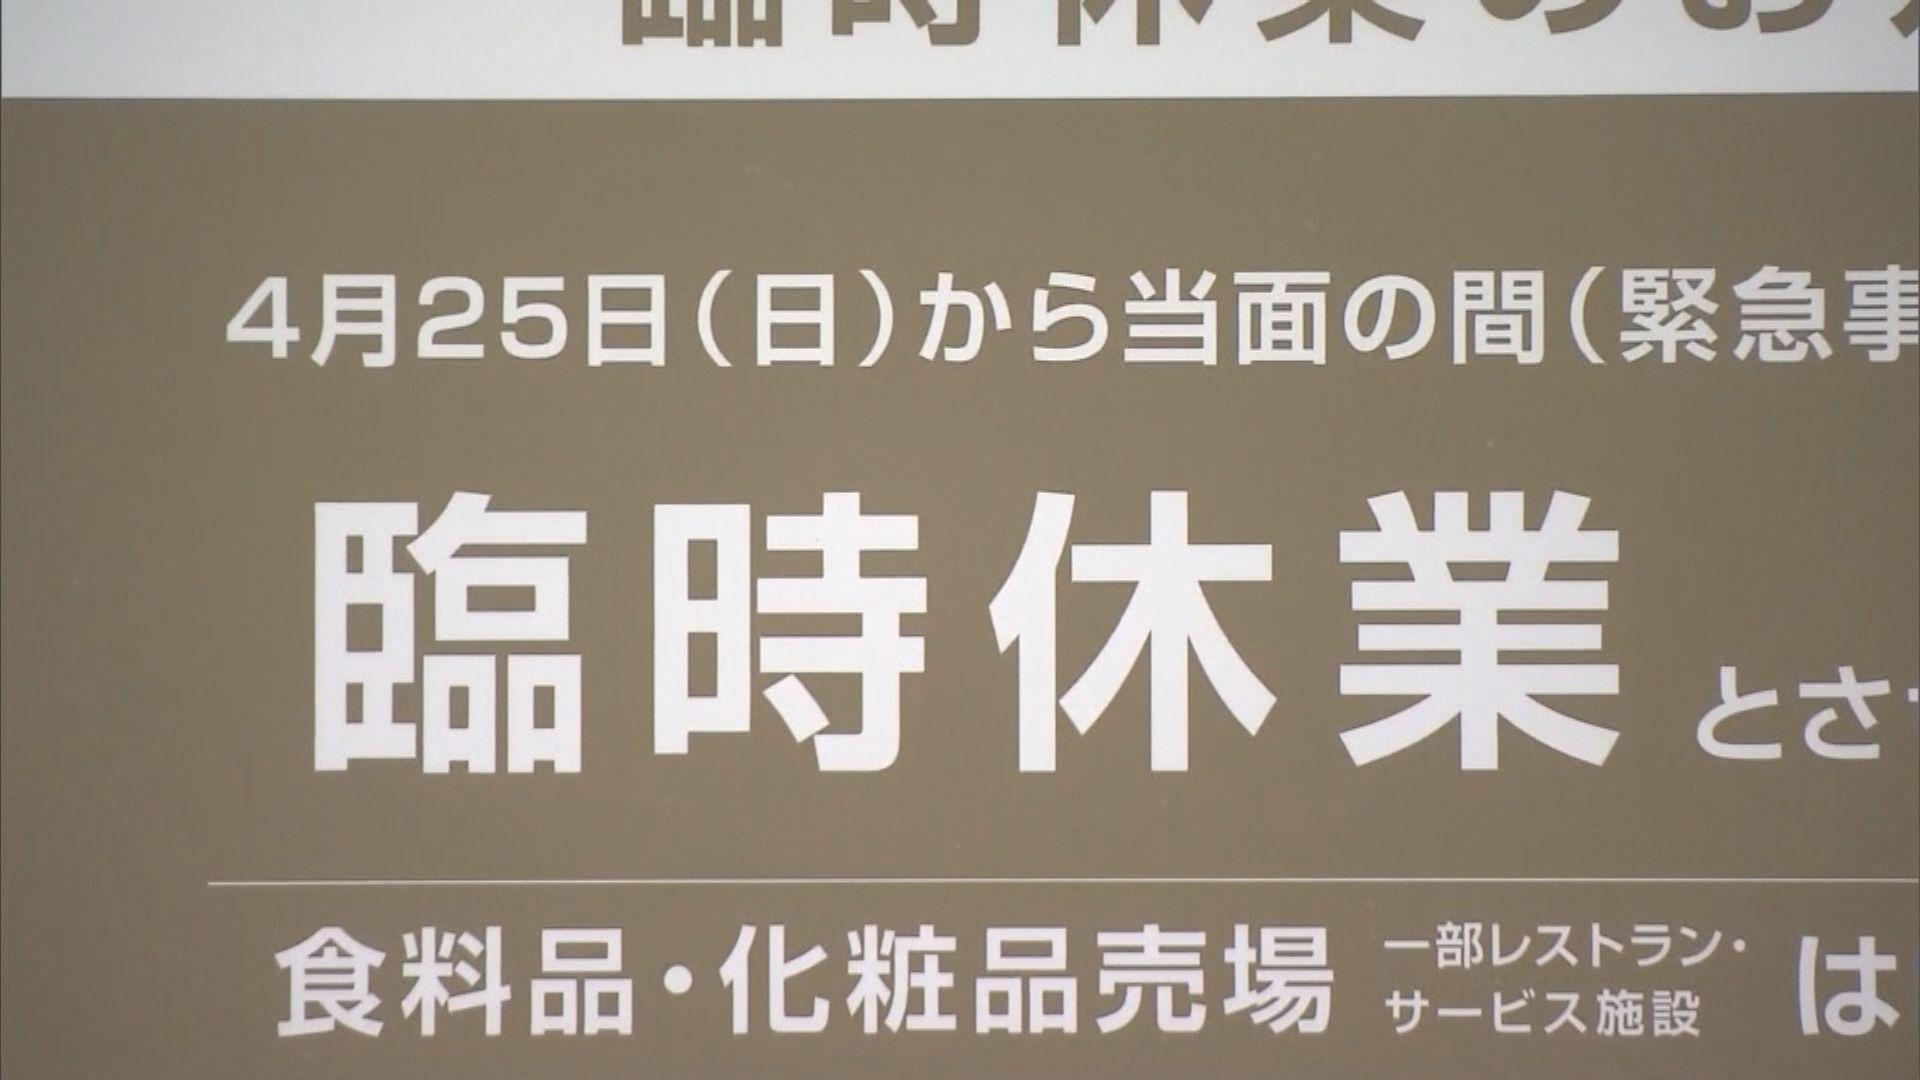 日本四都府縣緊急事態宣言生效 大型商業設施暫停營業